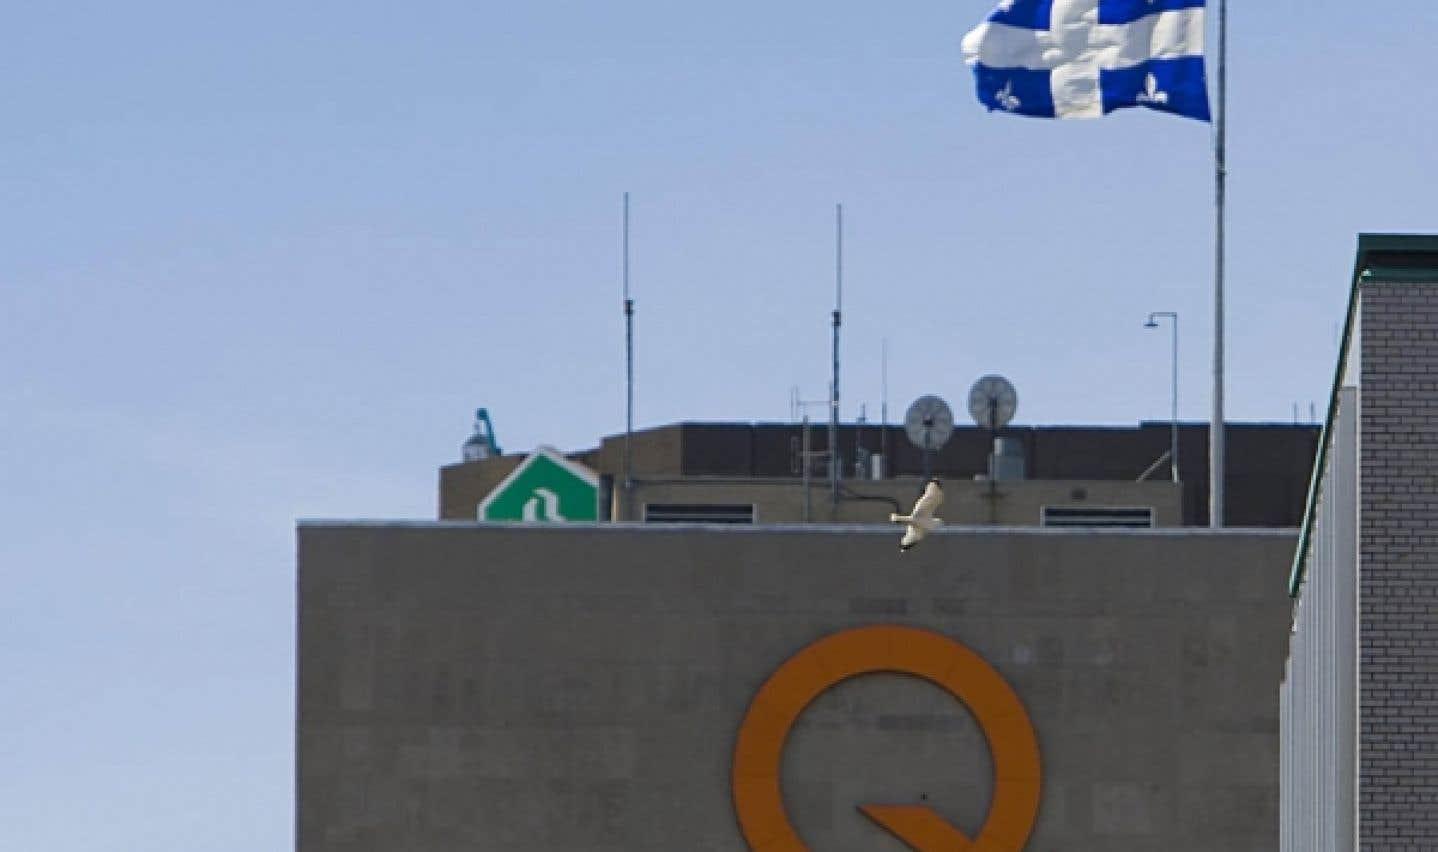 Pétrole et gaz - Le PLQ connaissait le potentiel québécois